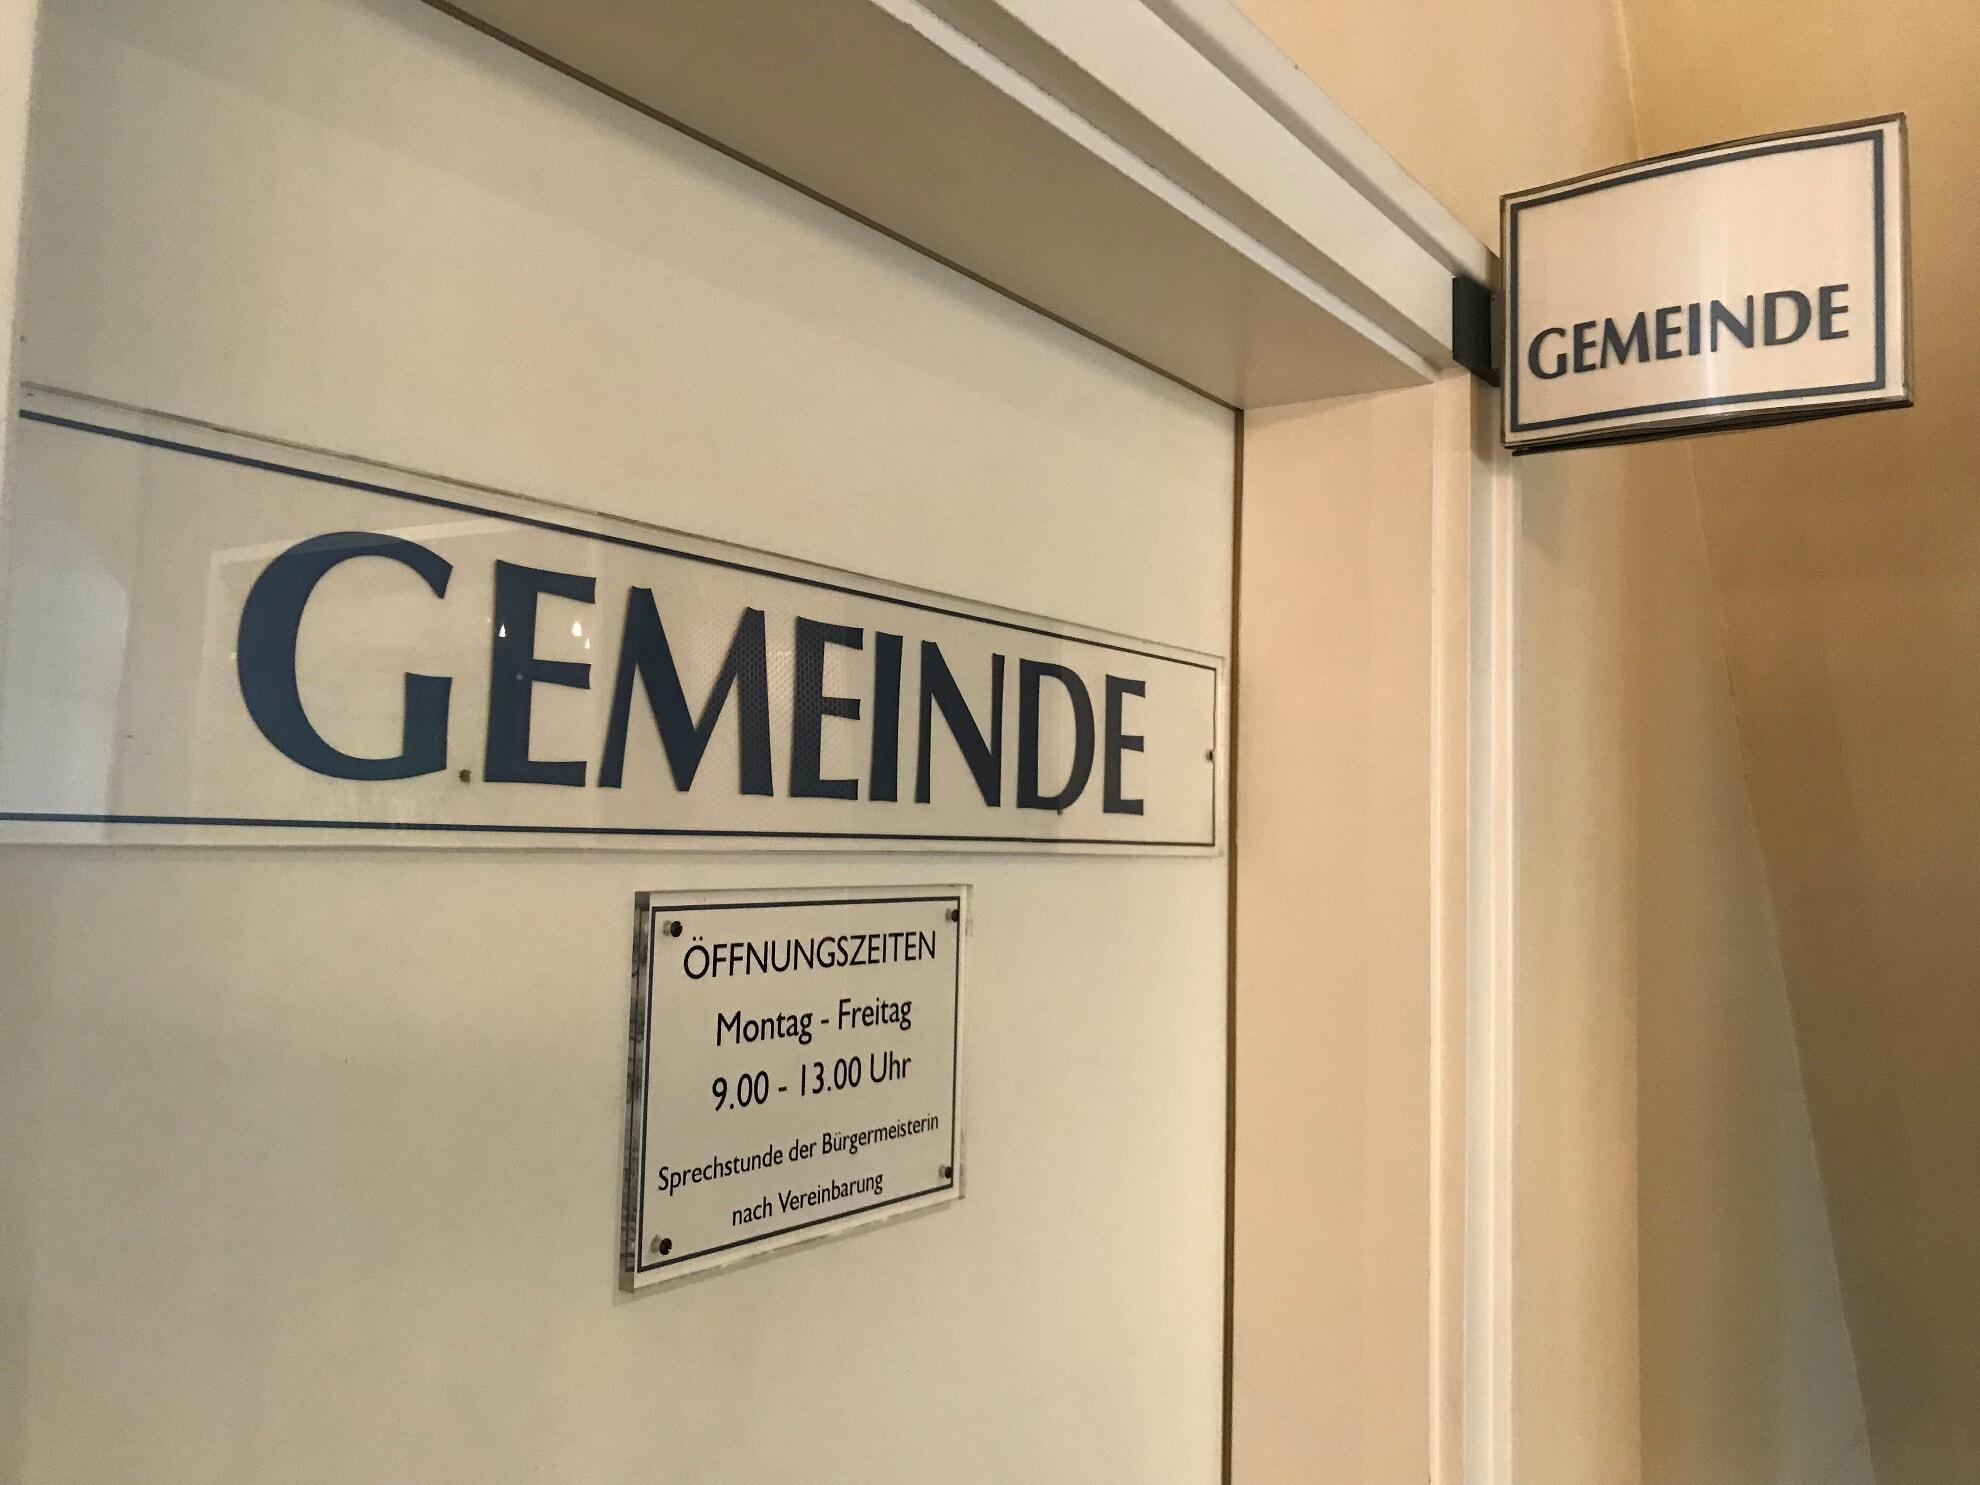 Gemeindebüro in Kampen